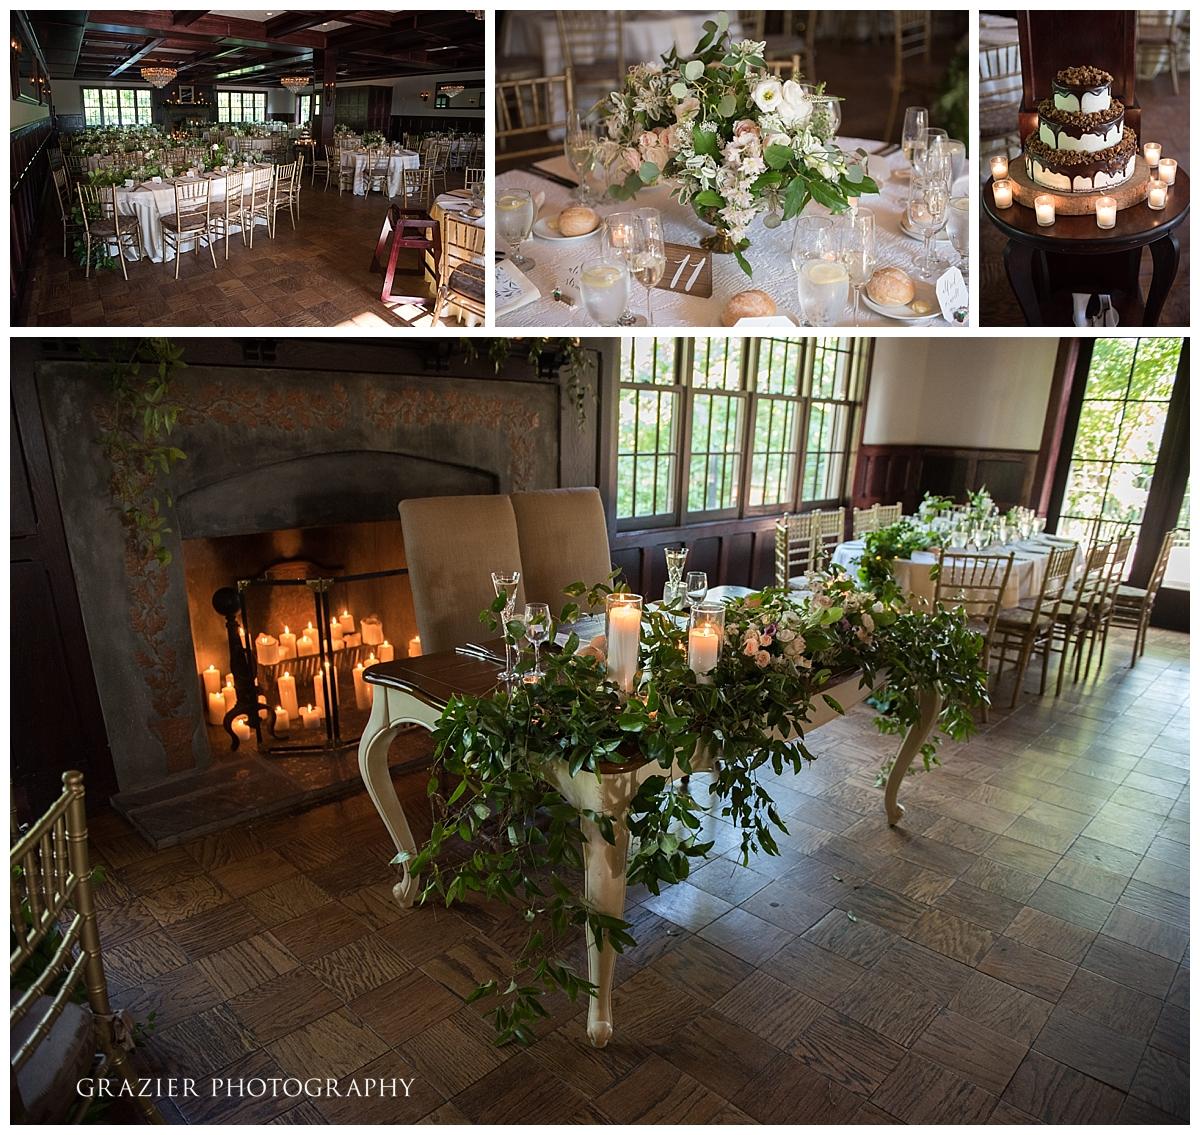 0086_170819_Hotel_du_Village_Wedding_Grazier_Photography_WEB.jpg